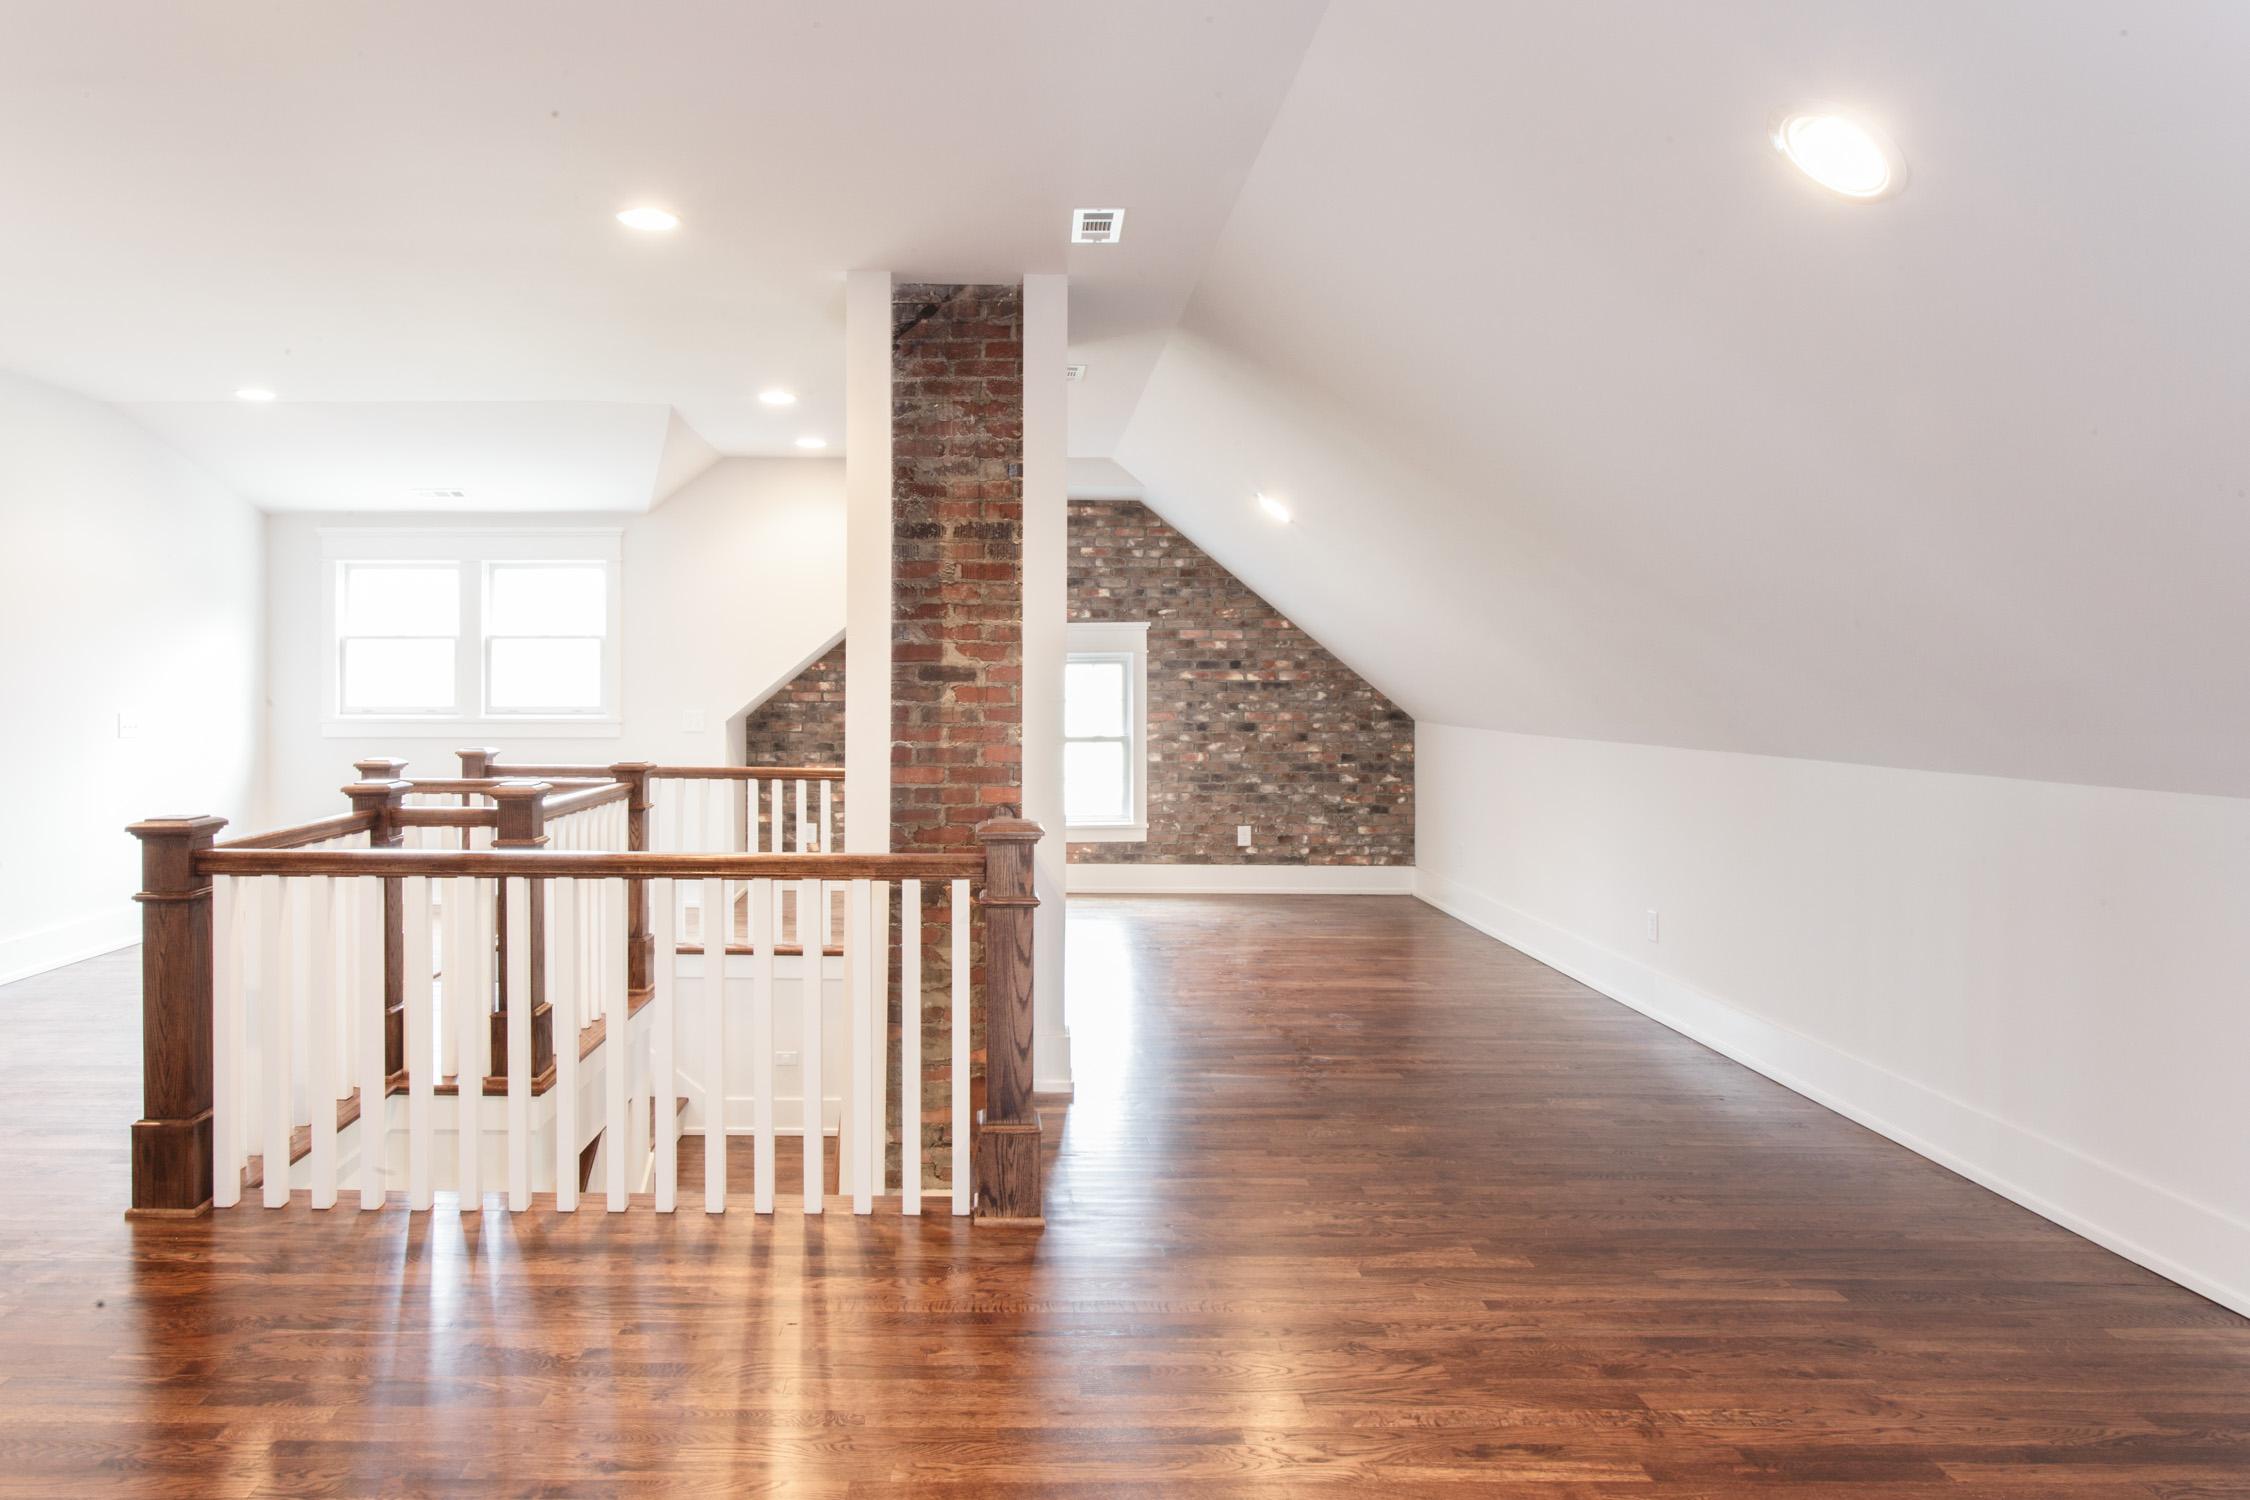 britt-development-group-nashville-tennessee-custom-home-builder-5771.jpg